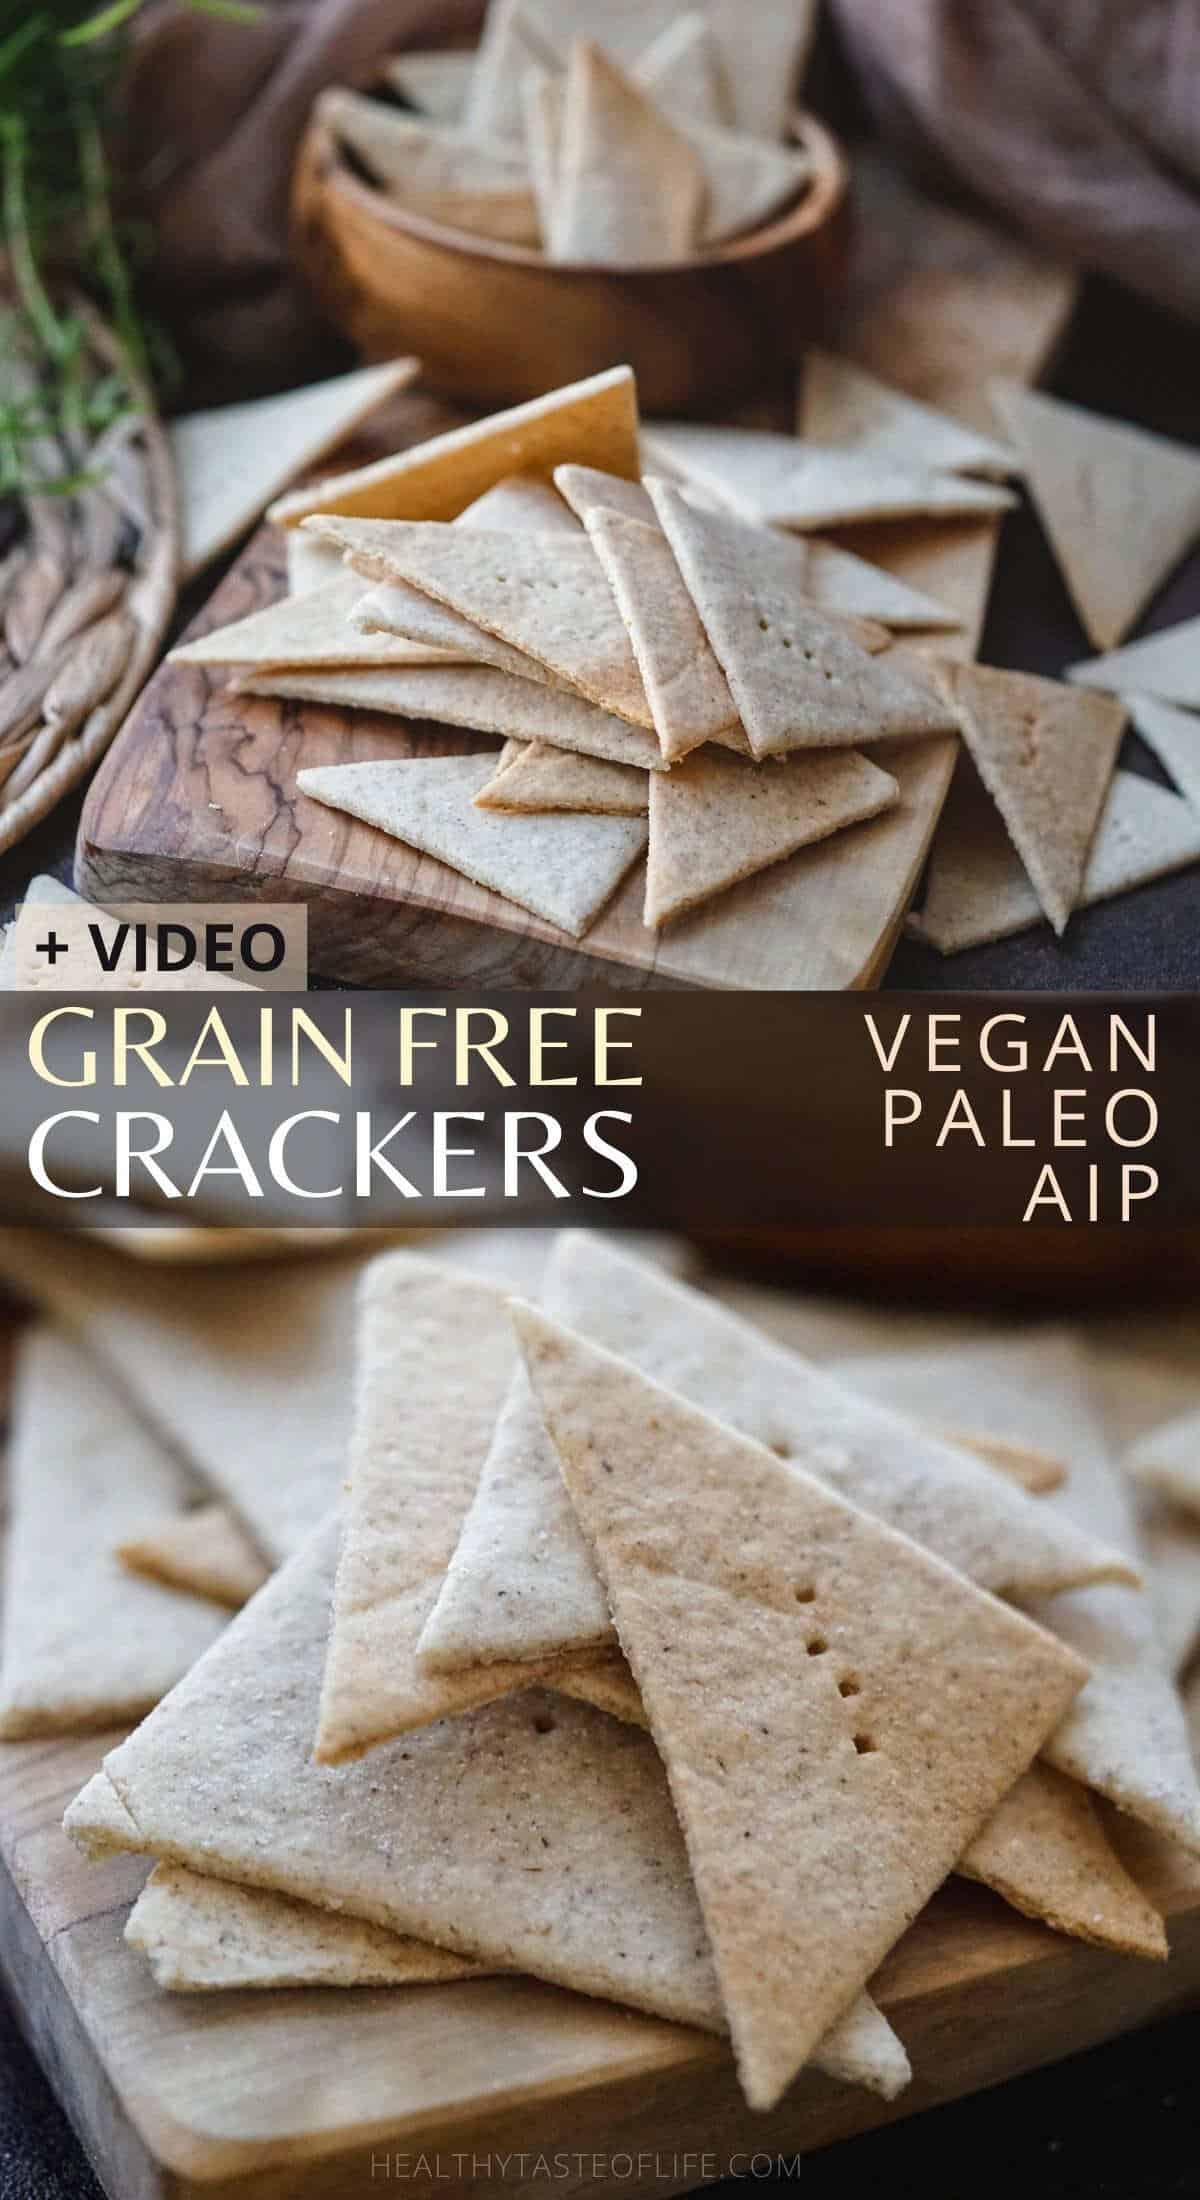 Cassava Crackers Paleo Grain Free Vegan AIP Crackers